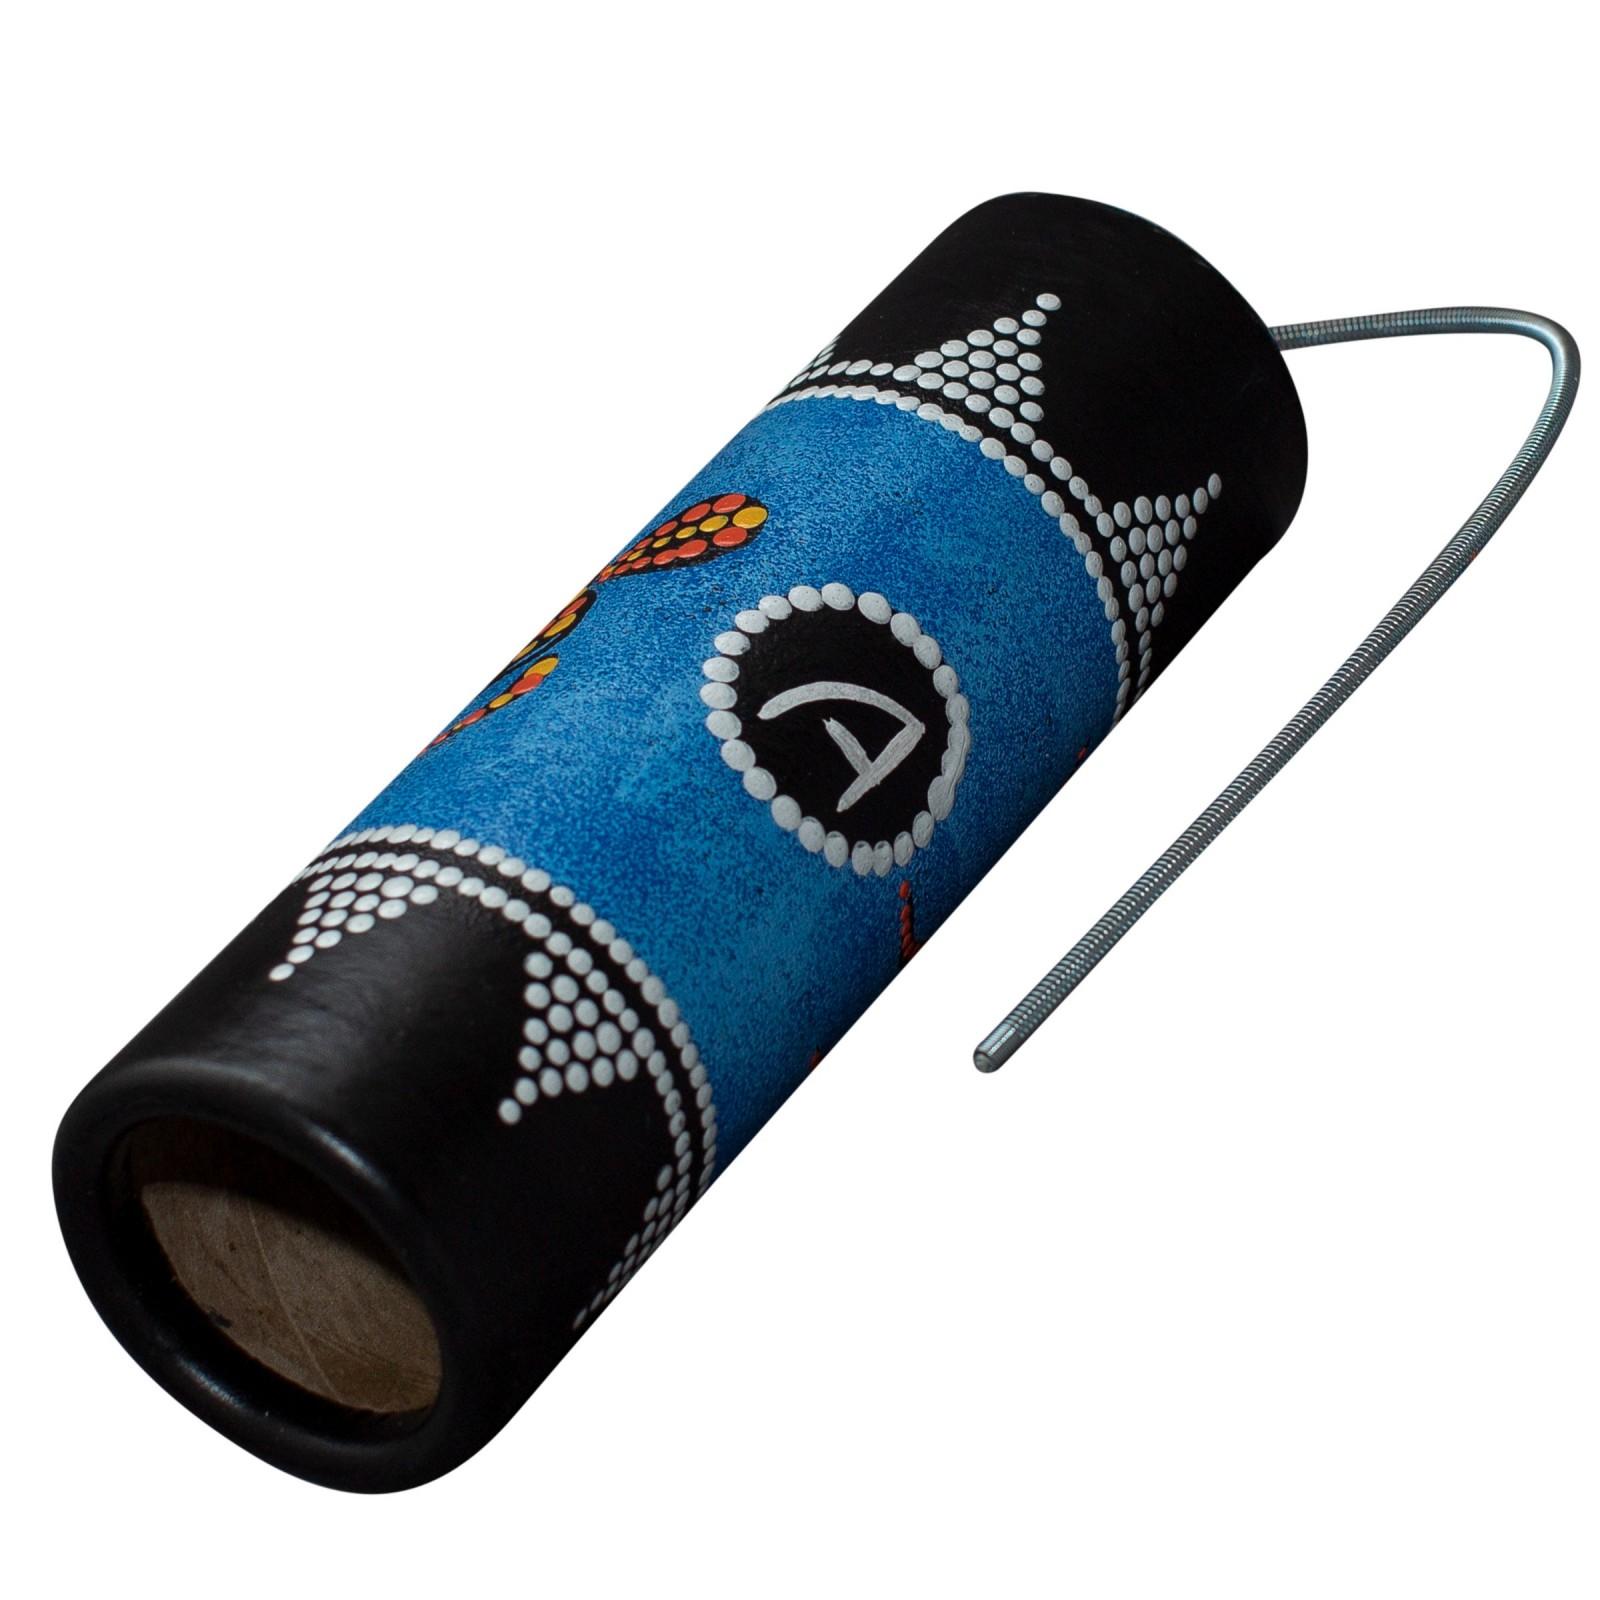 Spring Drum AT- BLTD-25, Thunder Tube – Klankinstrument voor kinderen Lengte 25cm